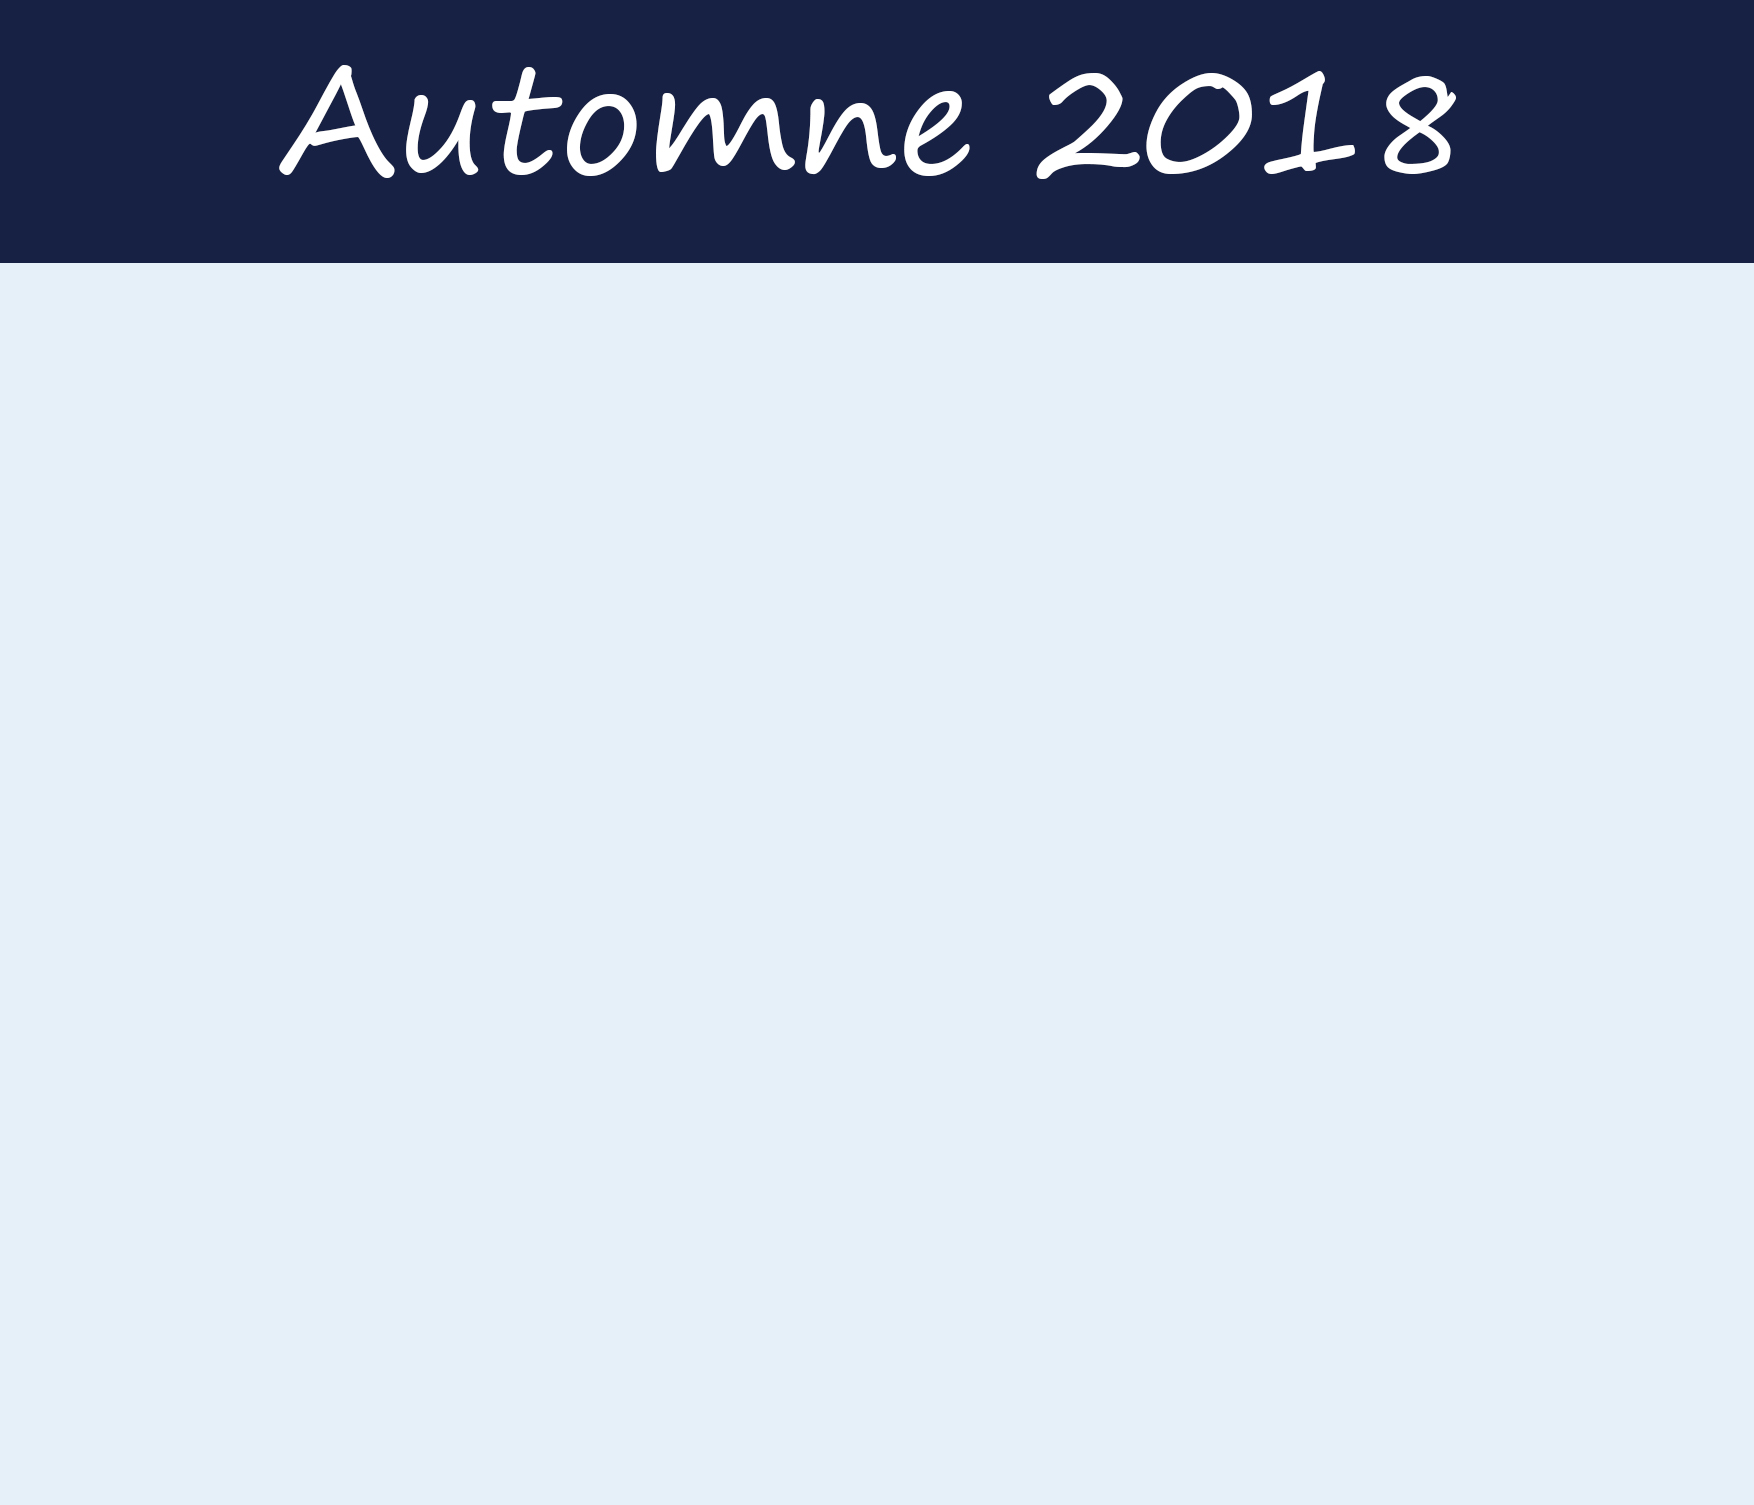 Automne_2018.jpg